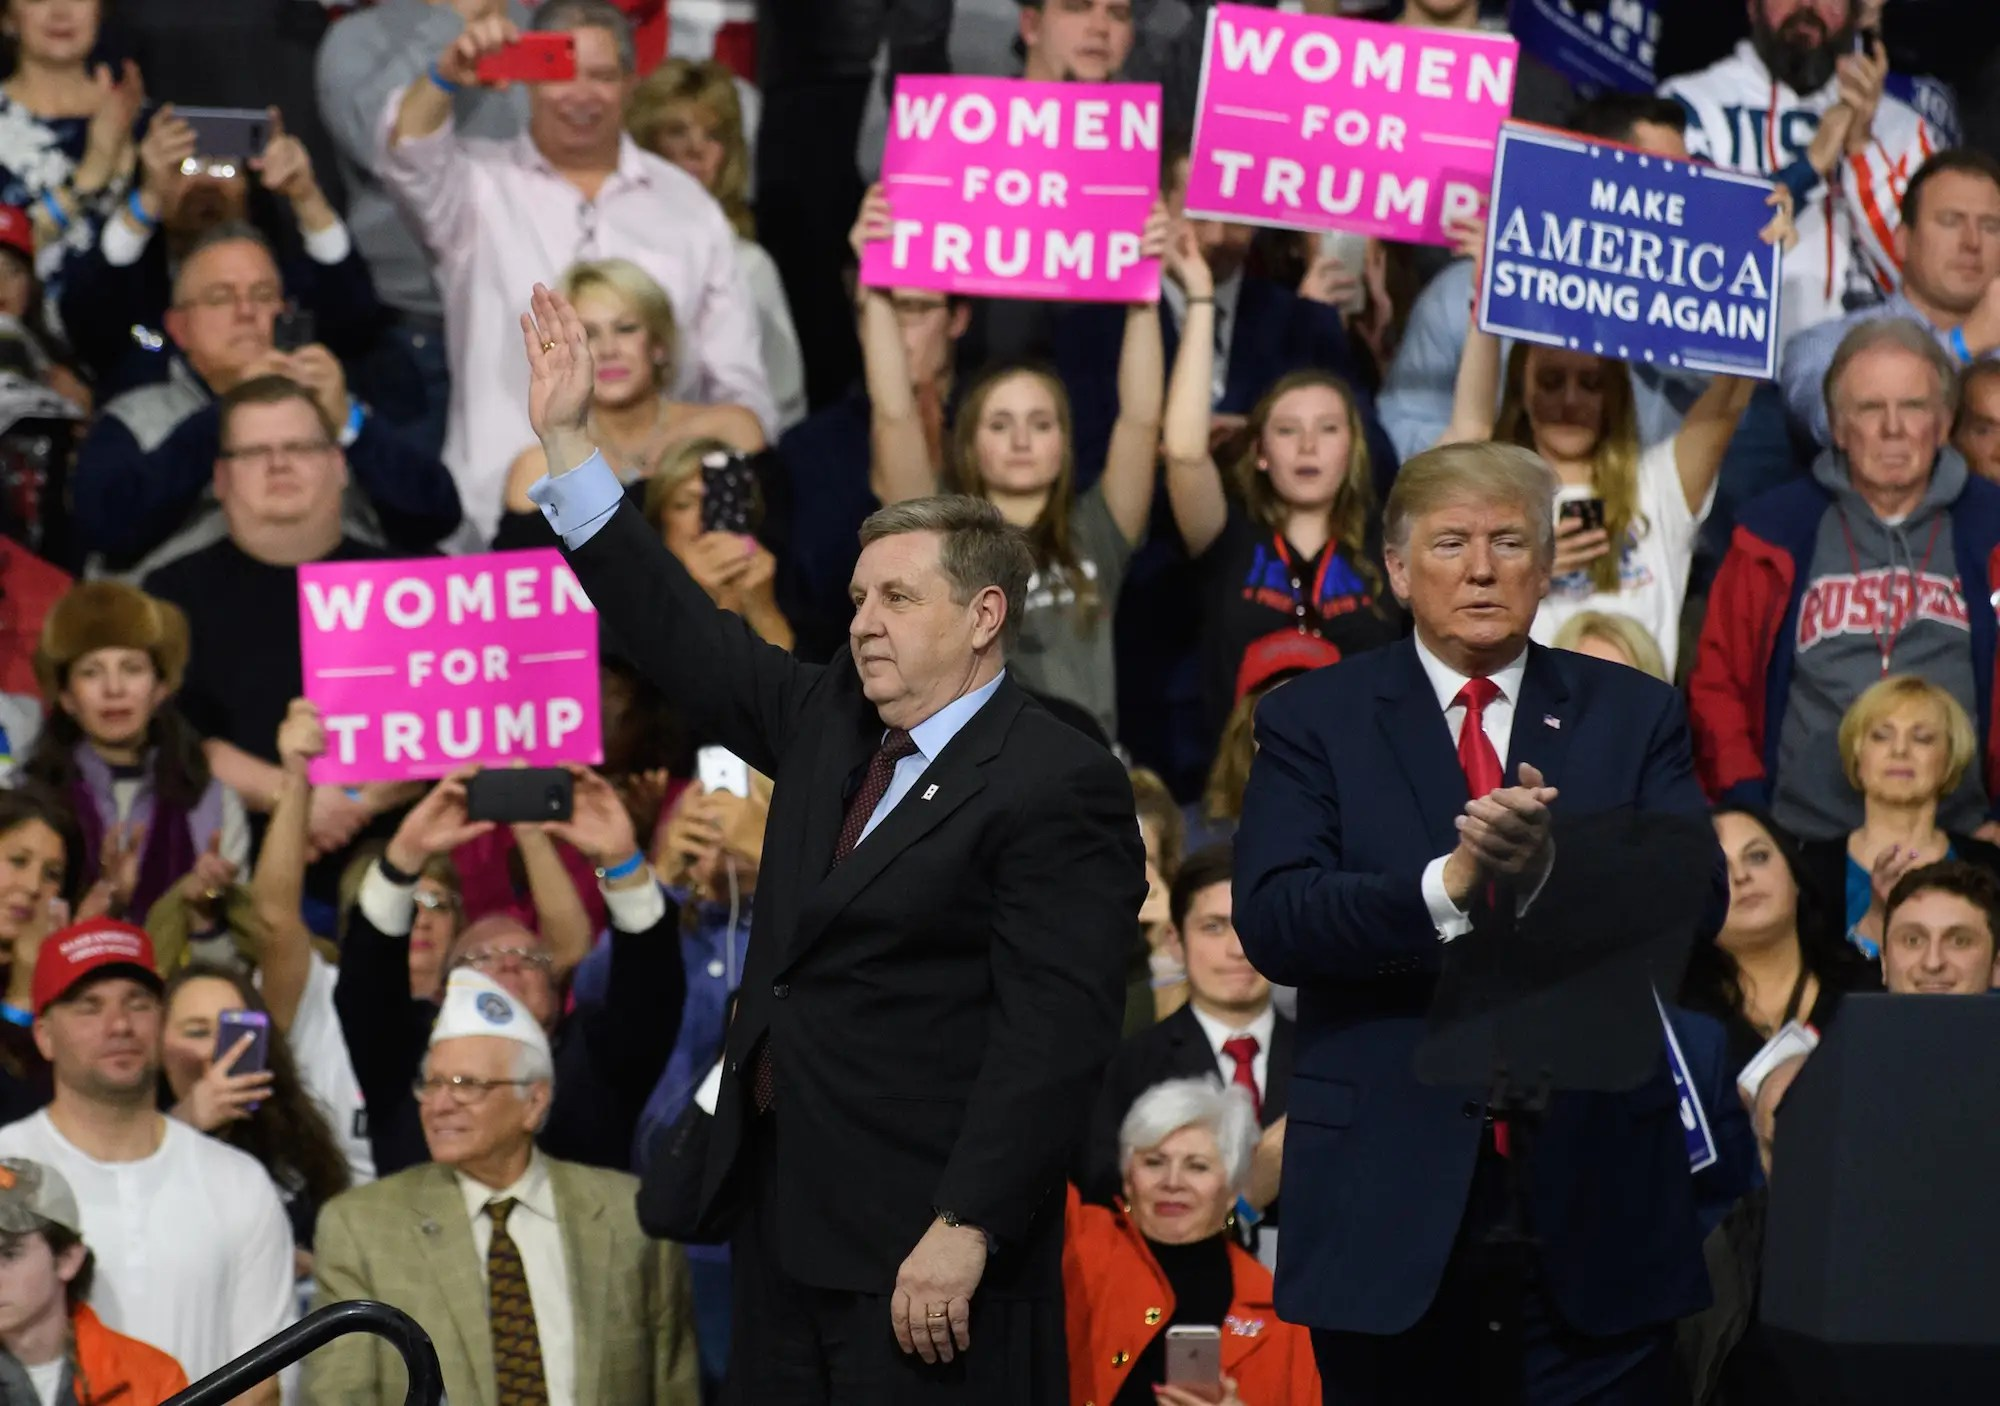 Rick Saccone and Donald Trump